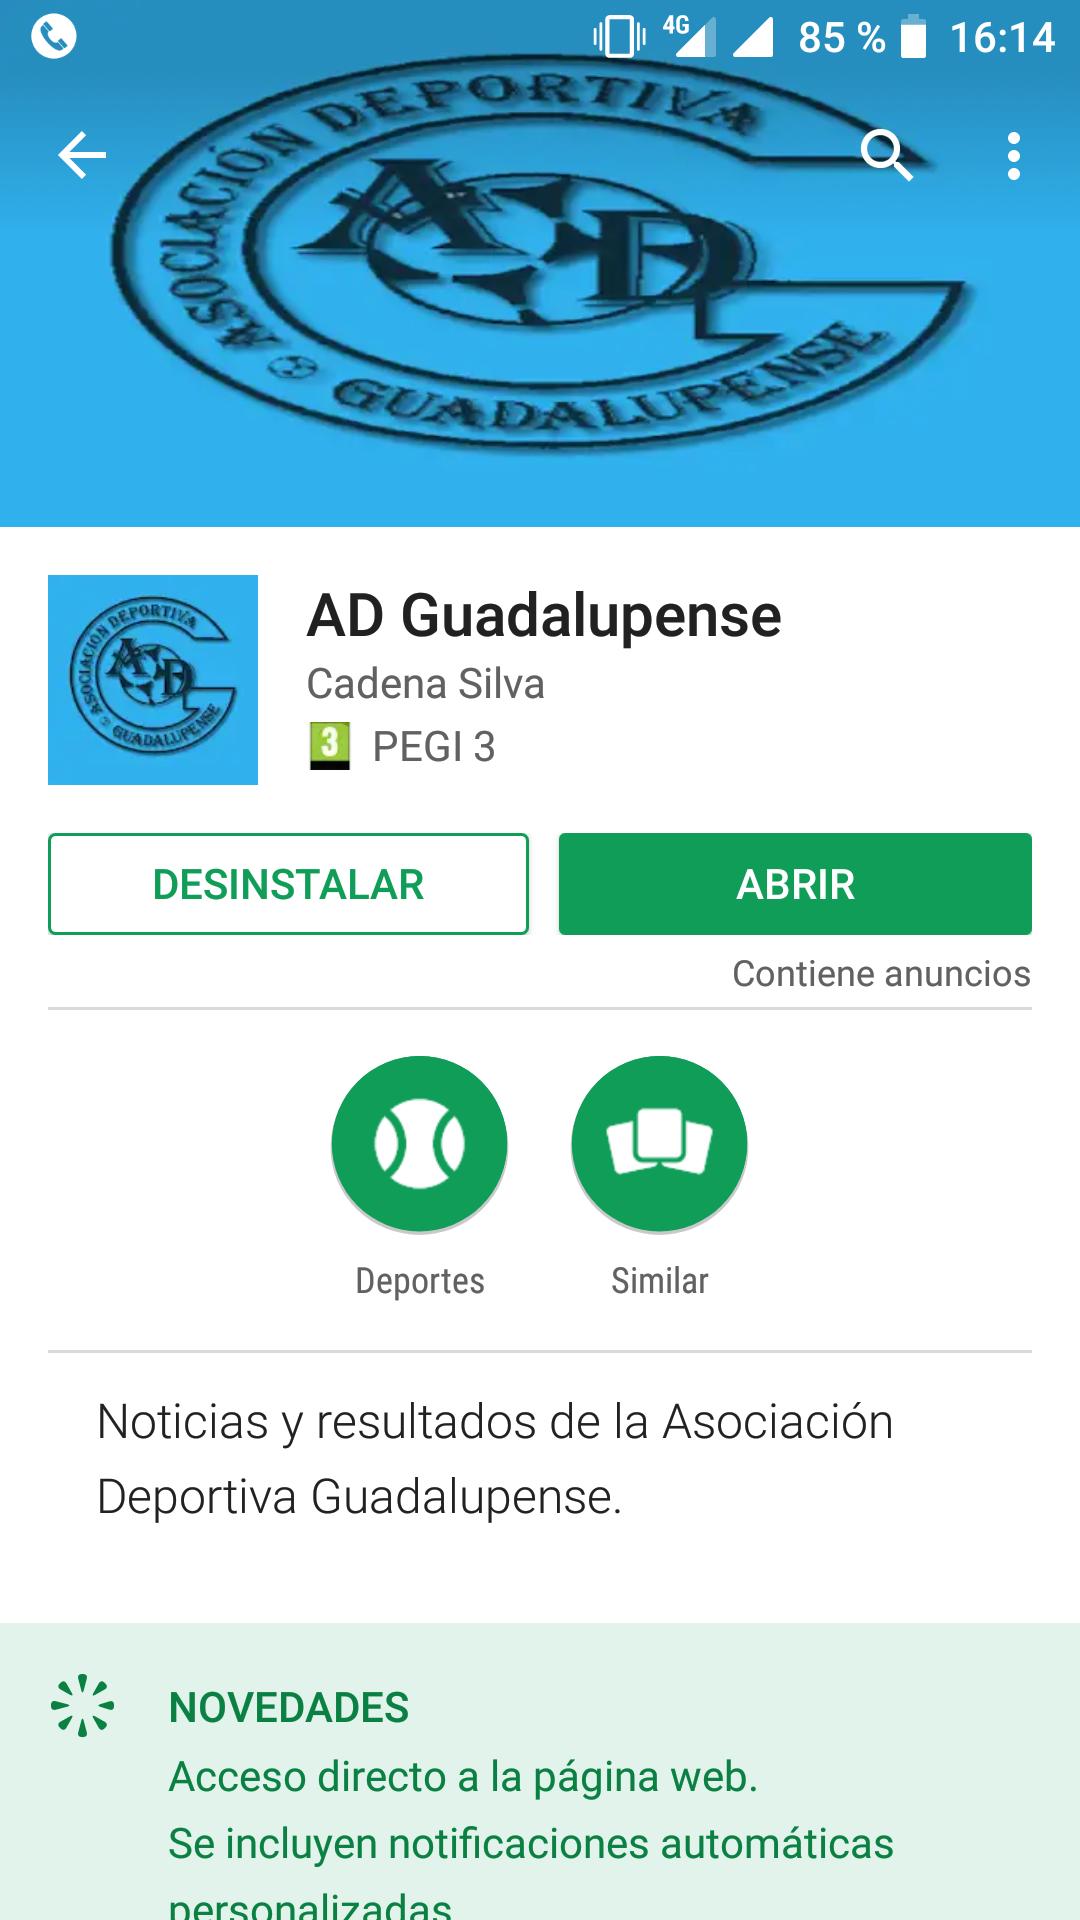 App AD Guadalupense